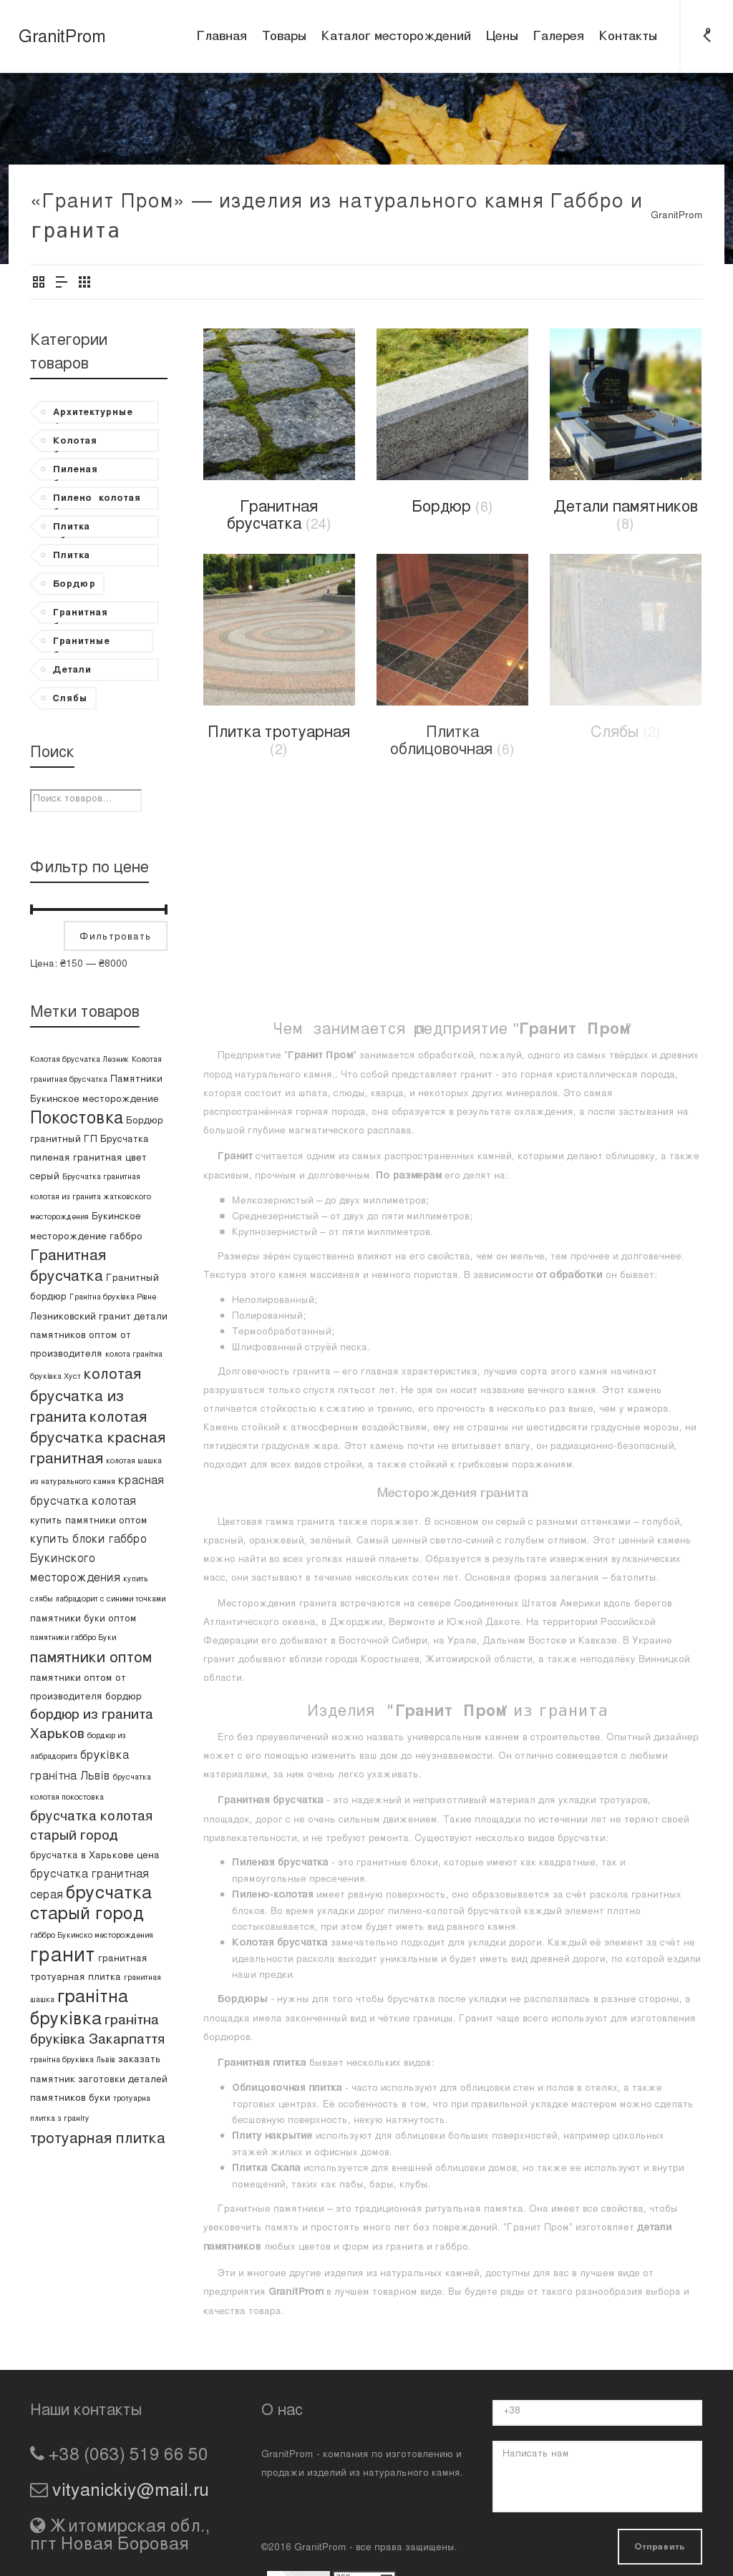 Создание и продвижение сайта под ключ ярославль